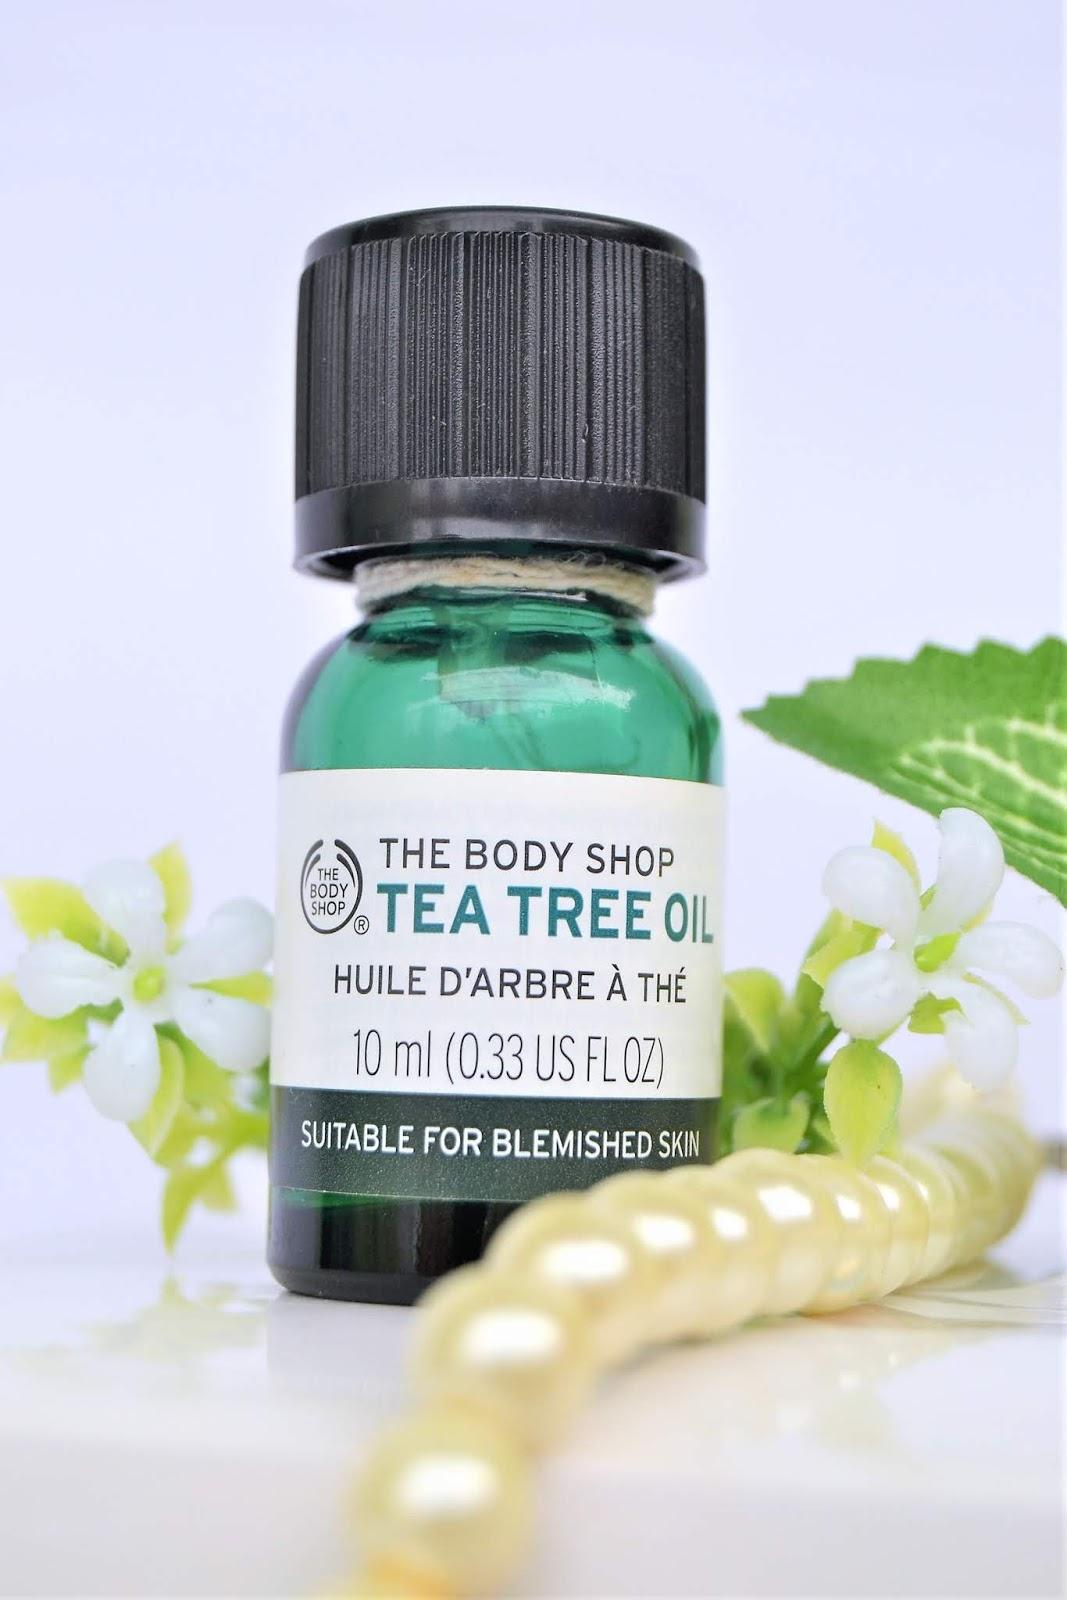 Review Tea Tree Body Shop Untuk Jerawat